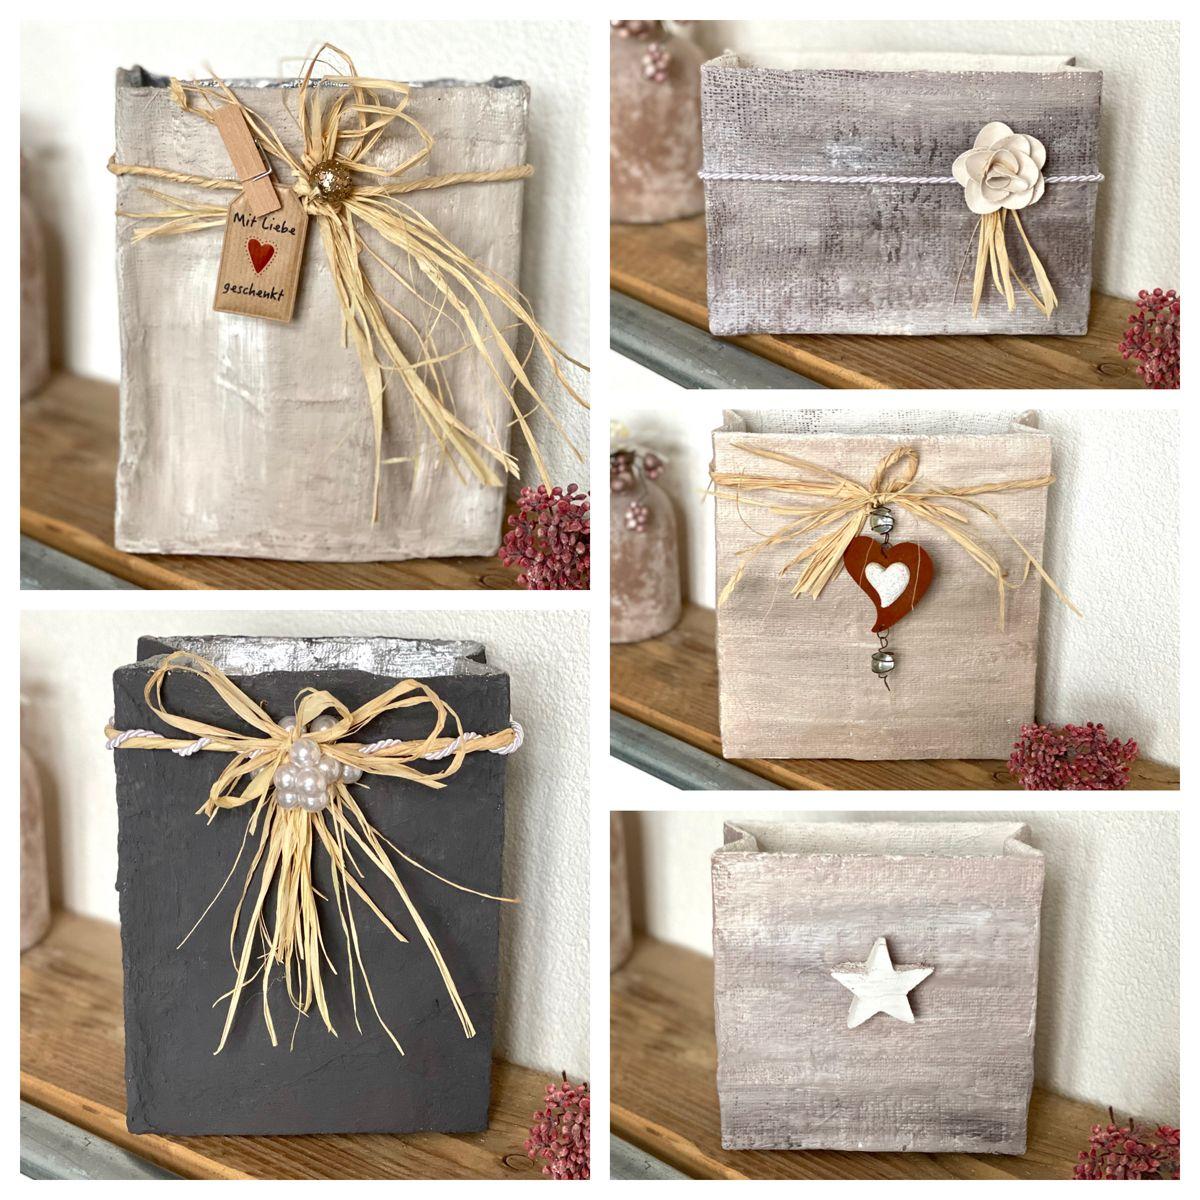 Für Lichterketten, als Geschenkverpackung, zur Aufbewahrung oder einfach als Blickfang für die Wohnung 🌸 #handmadehomedecor #handmade #diyhomedecor #gips #tüten #dekoration #dekorieren #dekoideen